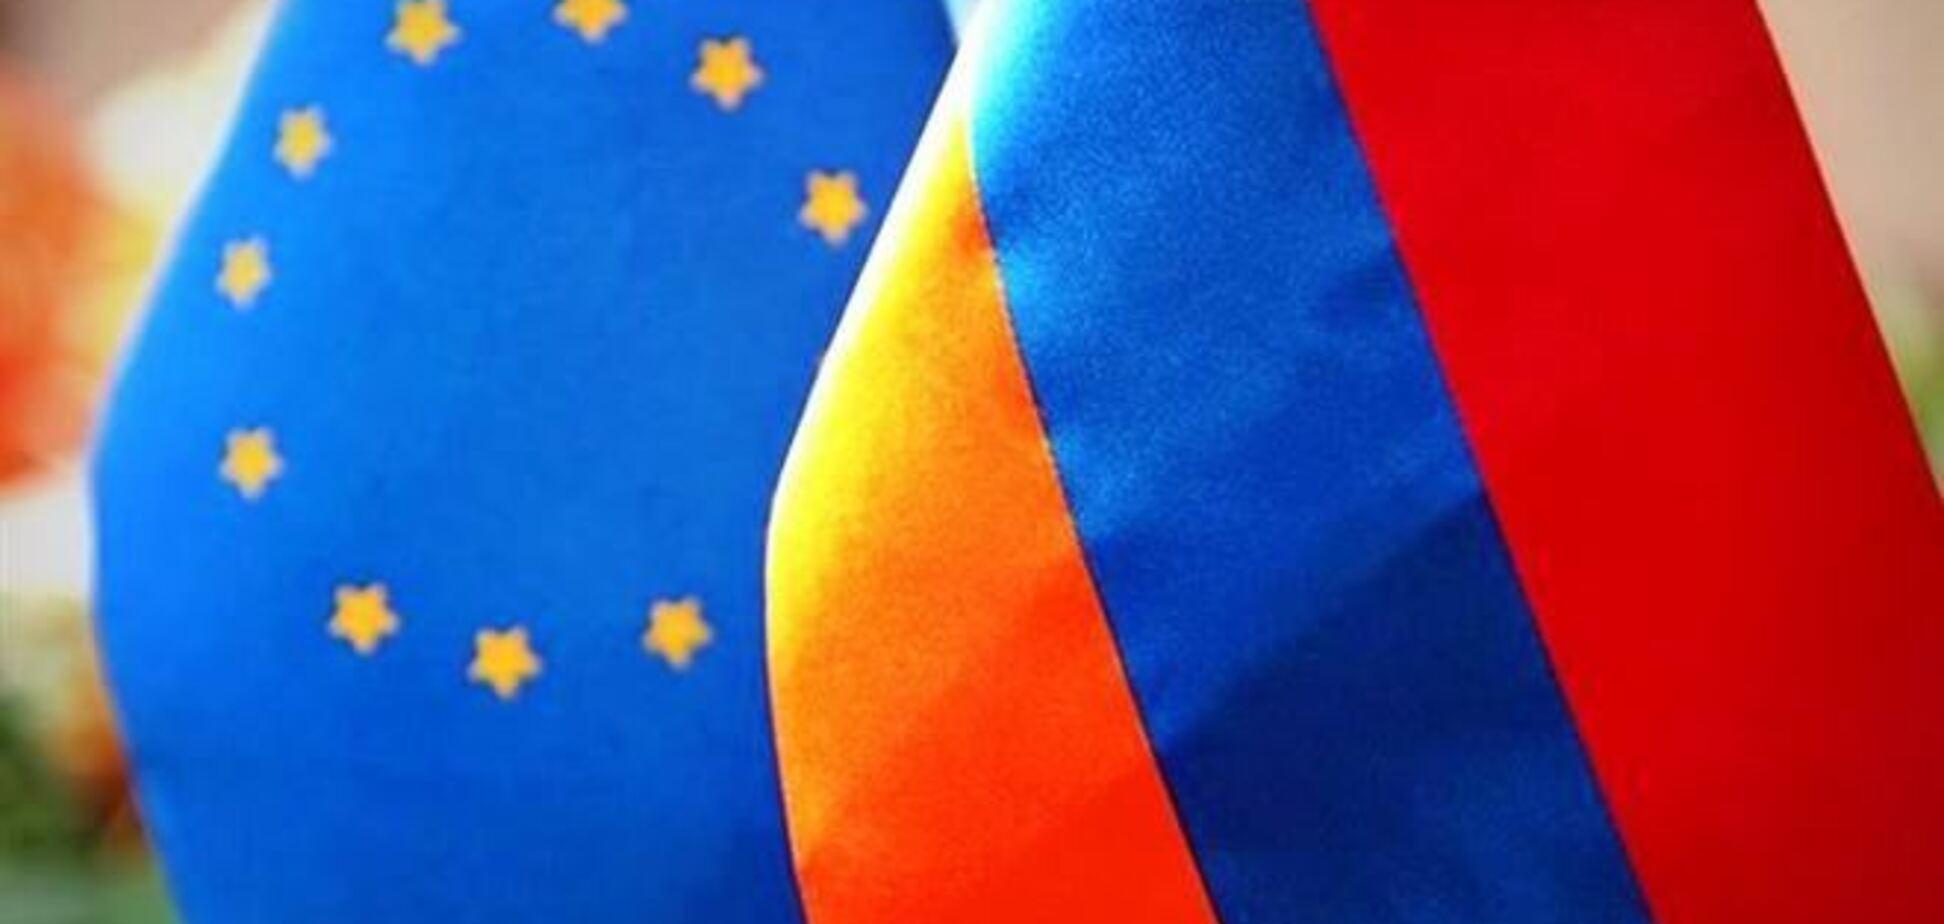 Що йде в МС Вірменія хоче підписати політичну угоду з ЄС - ЗМІ